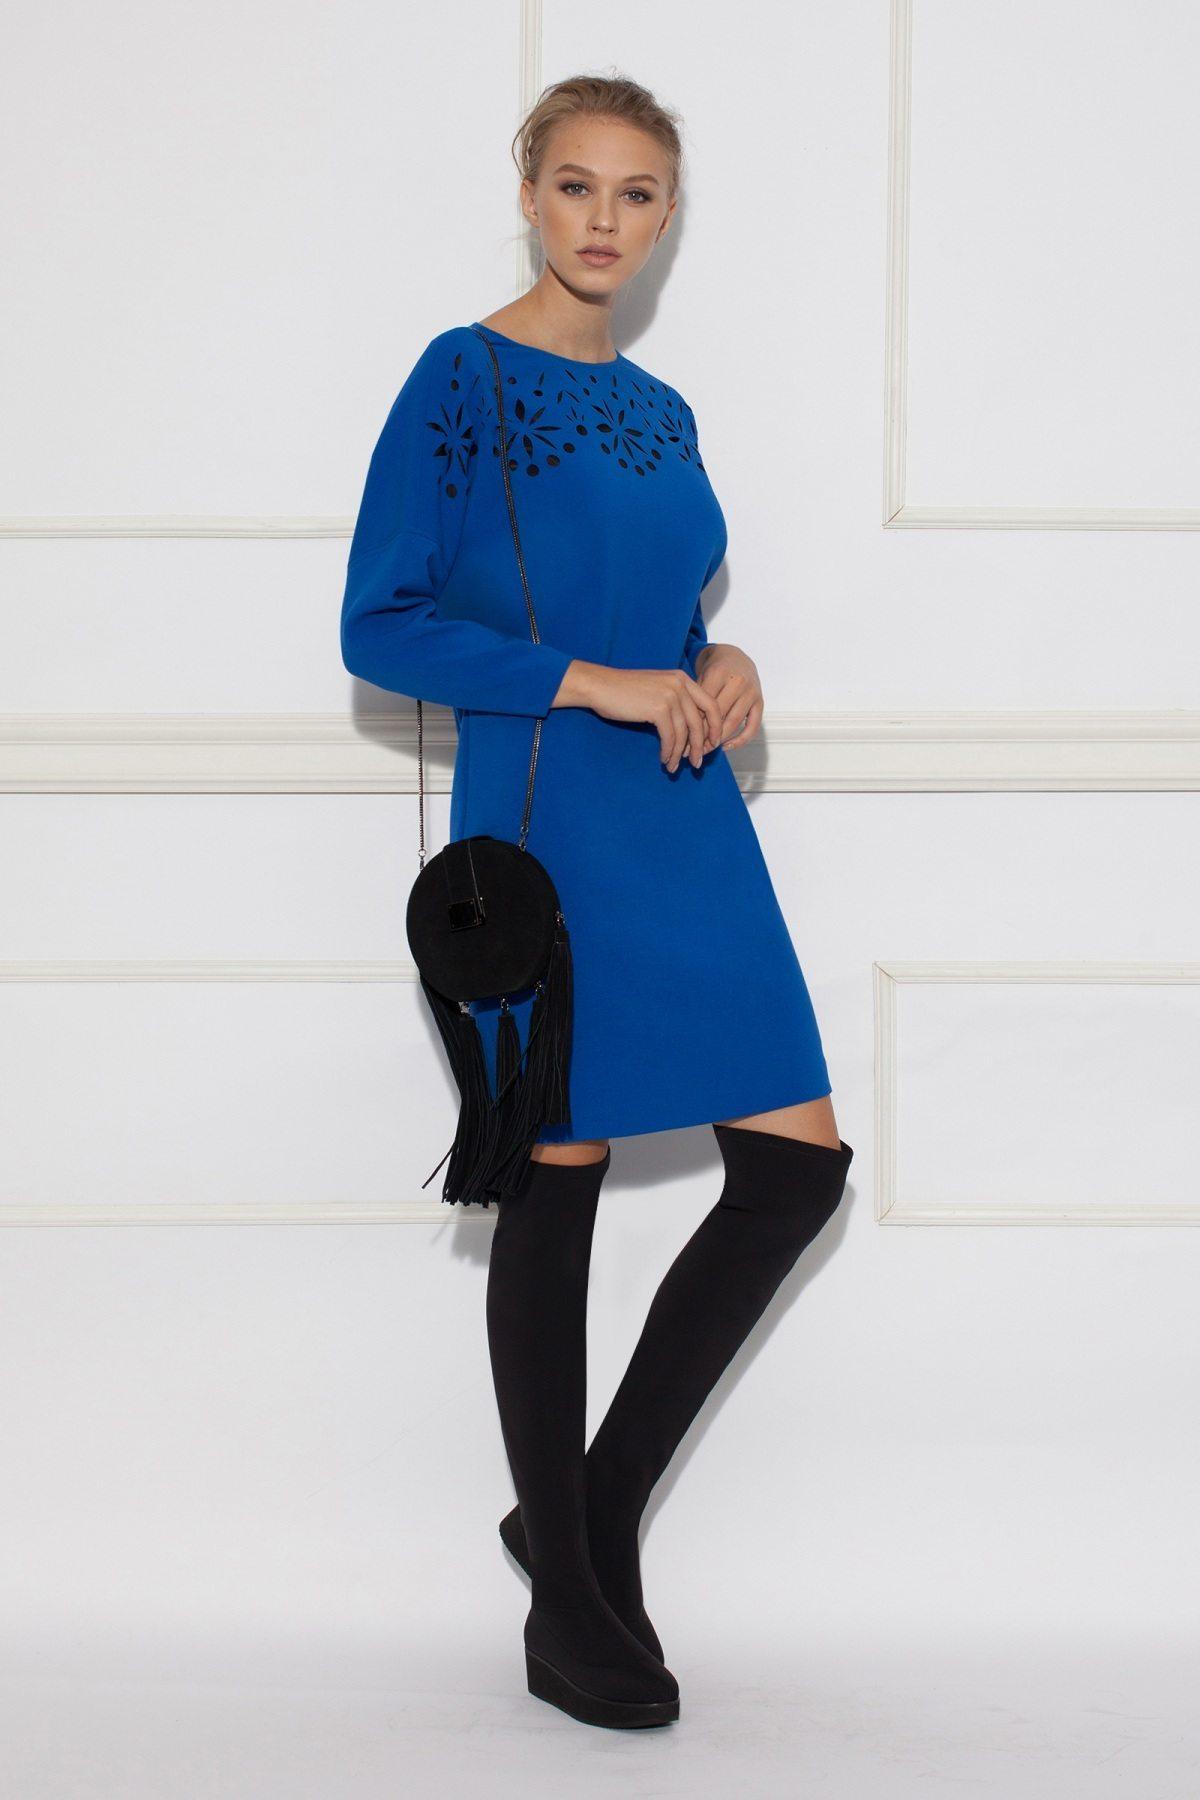 Rochie midi albastra cu decupaje Albastru